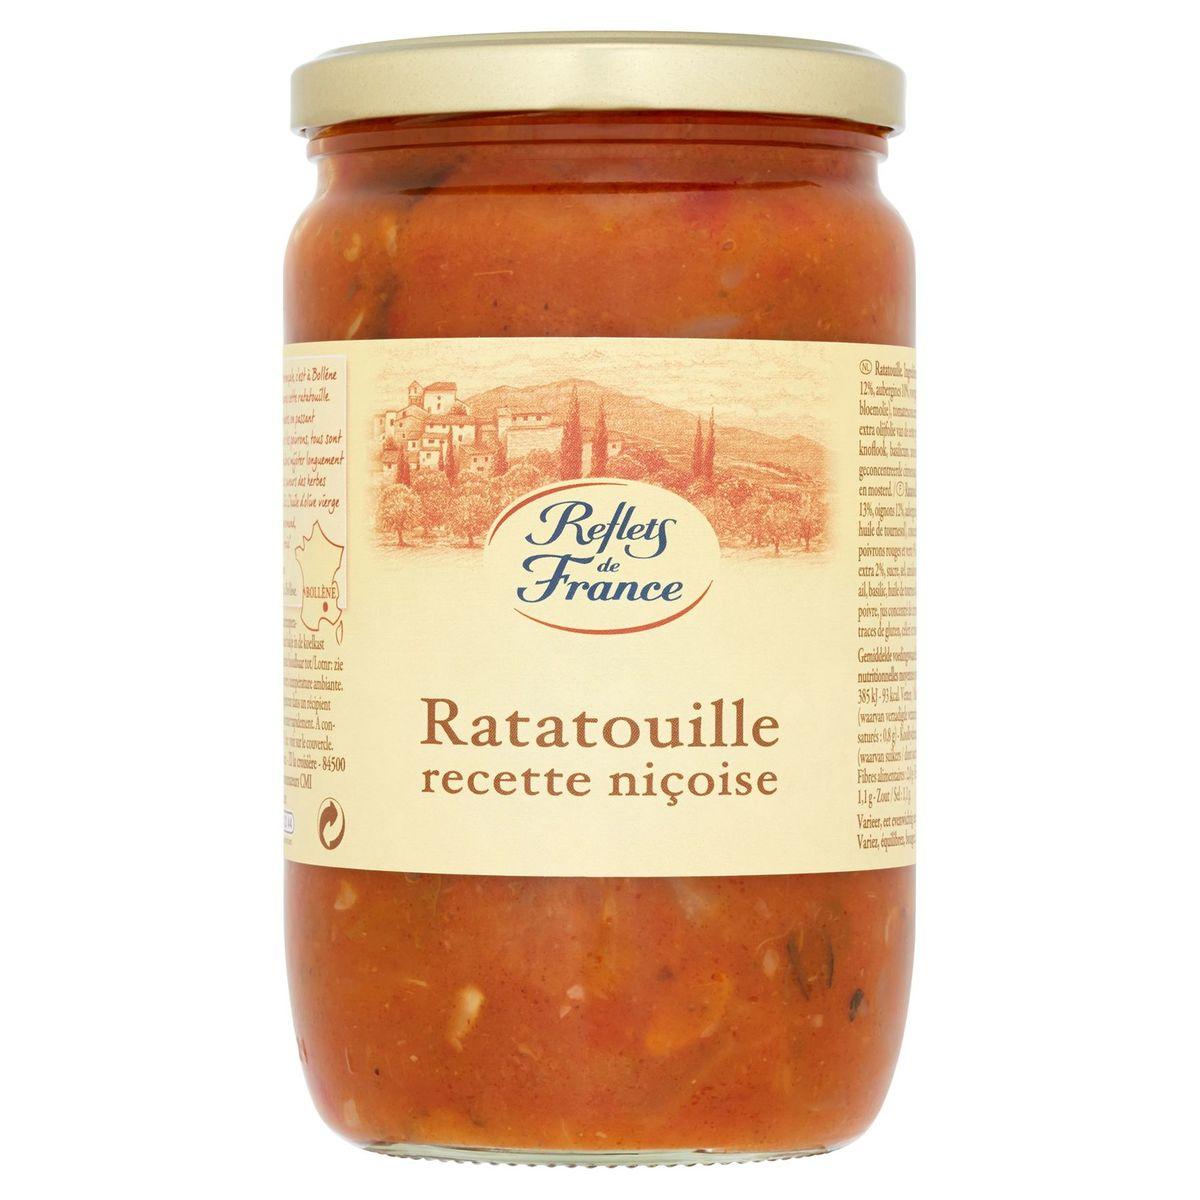 Reflets de France Ratatouille Recette Niçoise 630 g